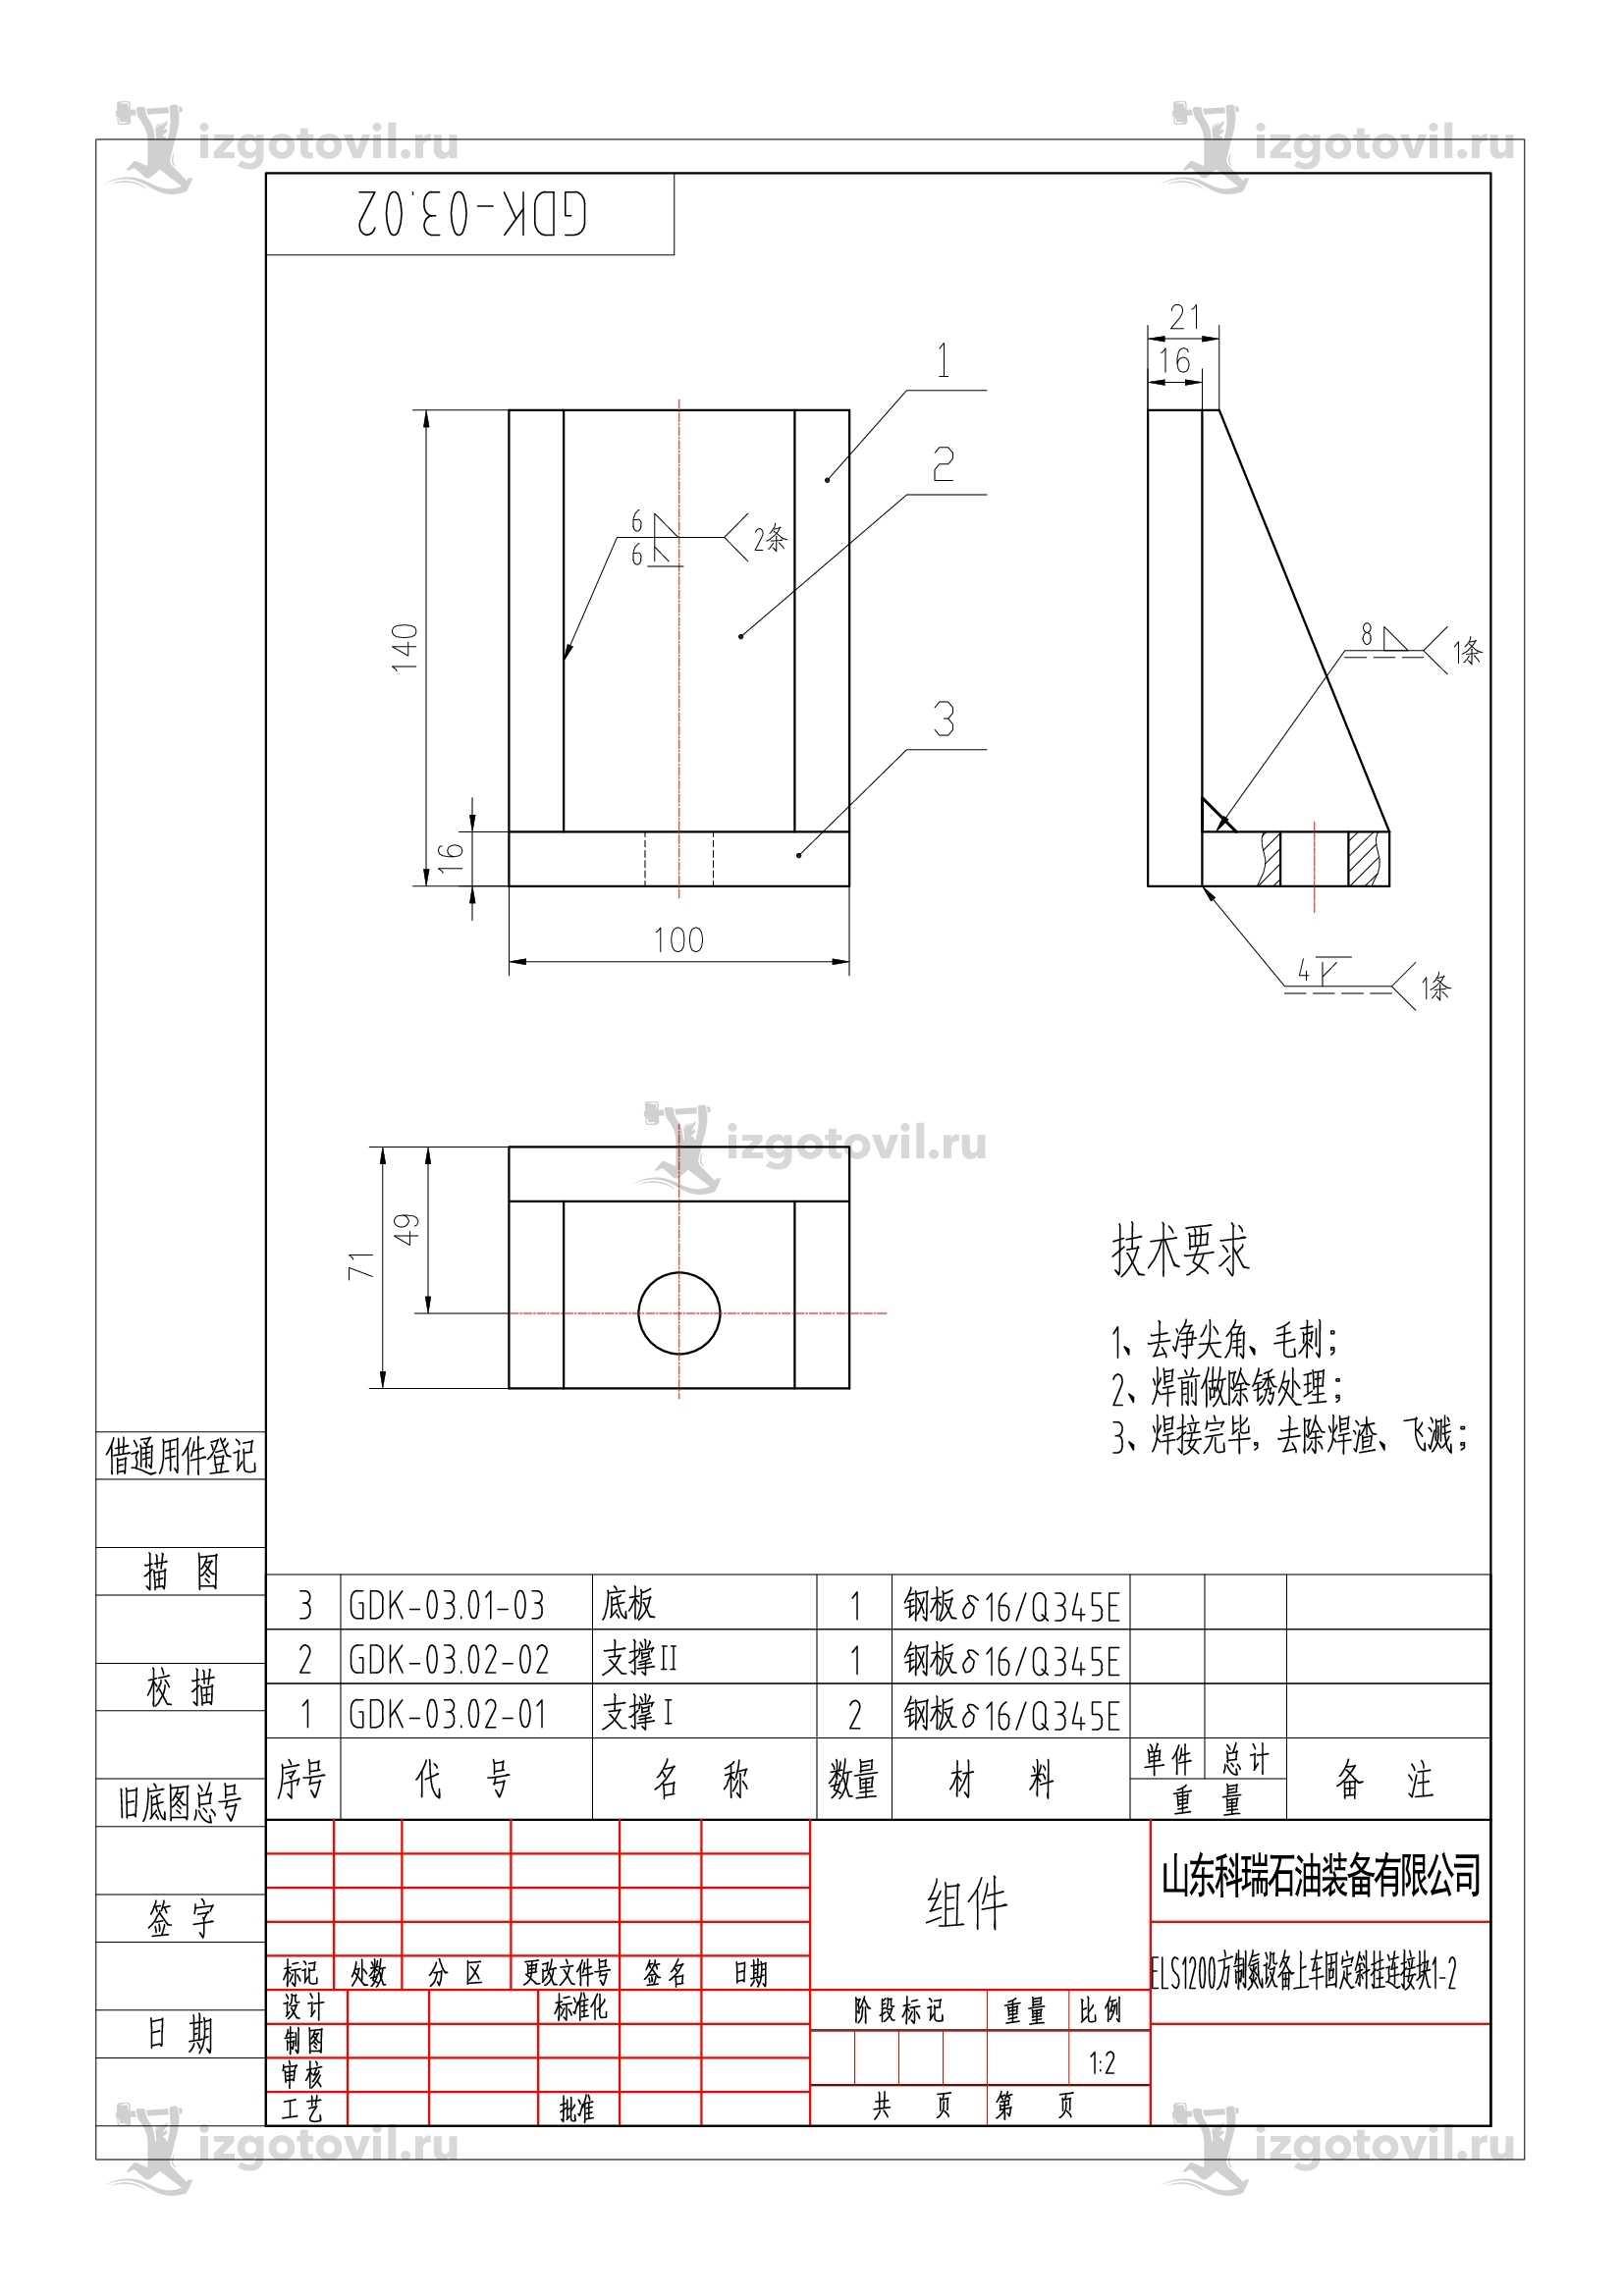 Изготовление металлоконструкций (изготовления креплений контейнера)